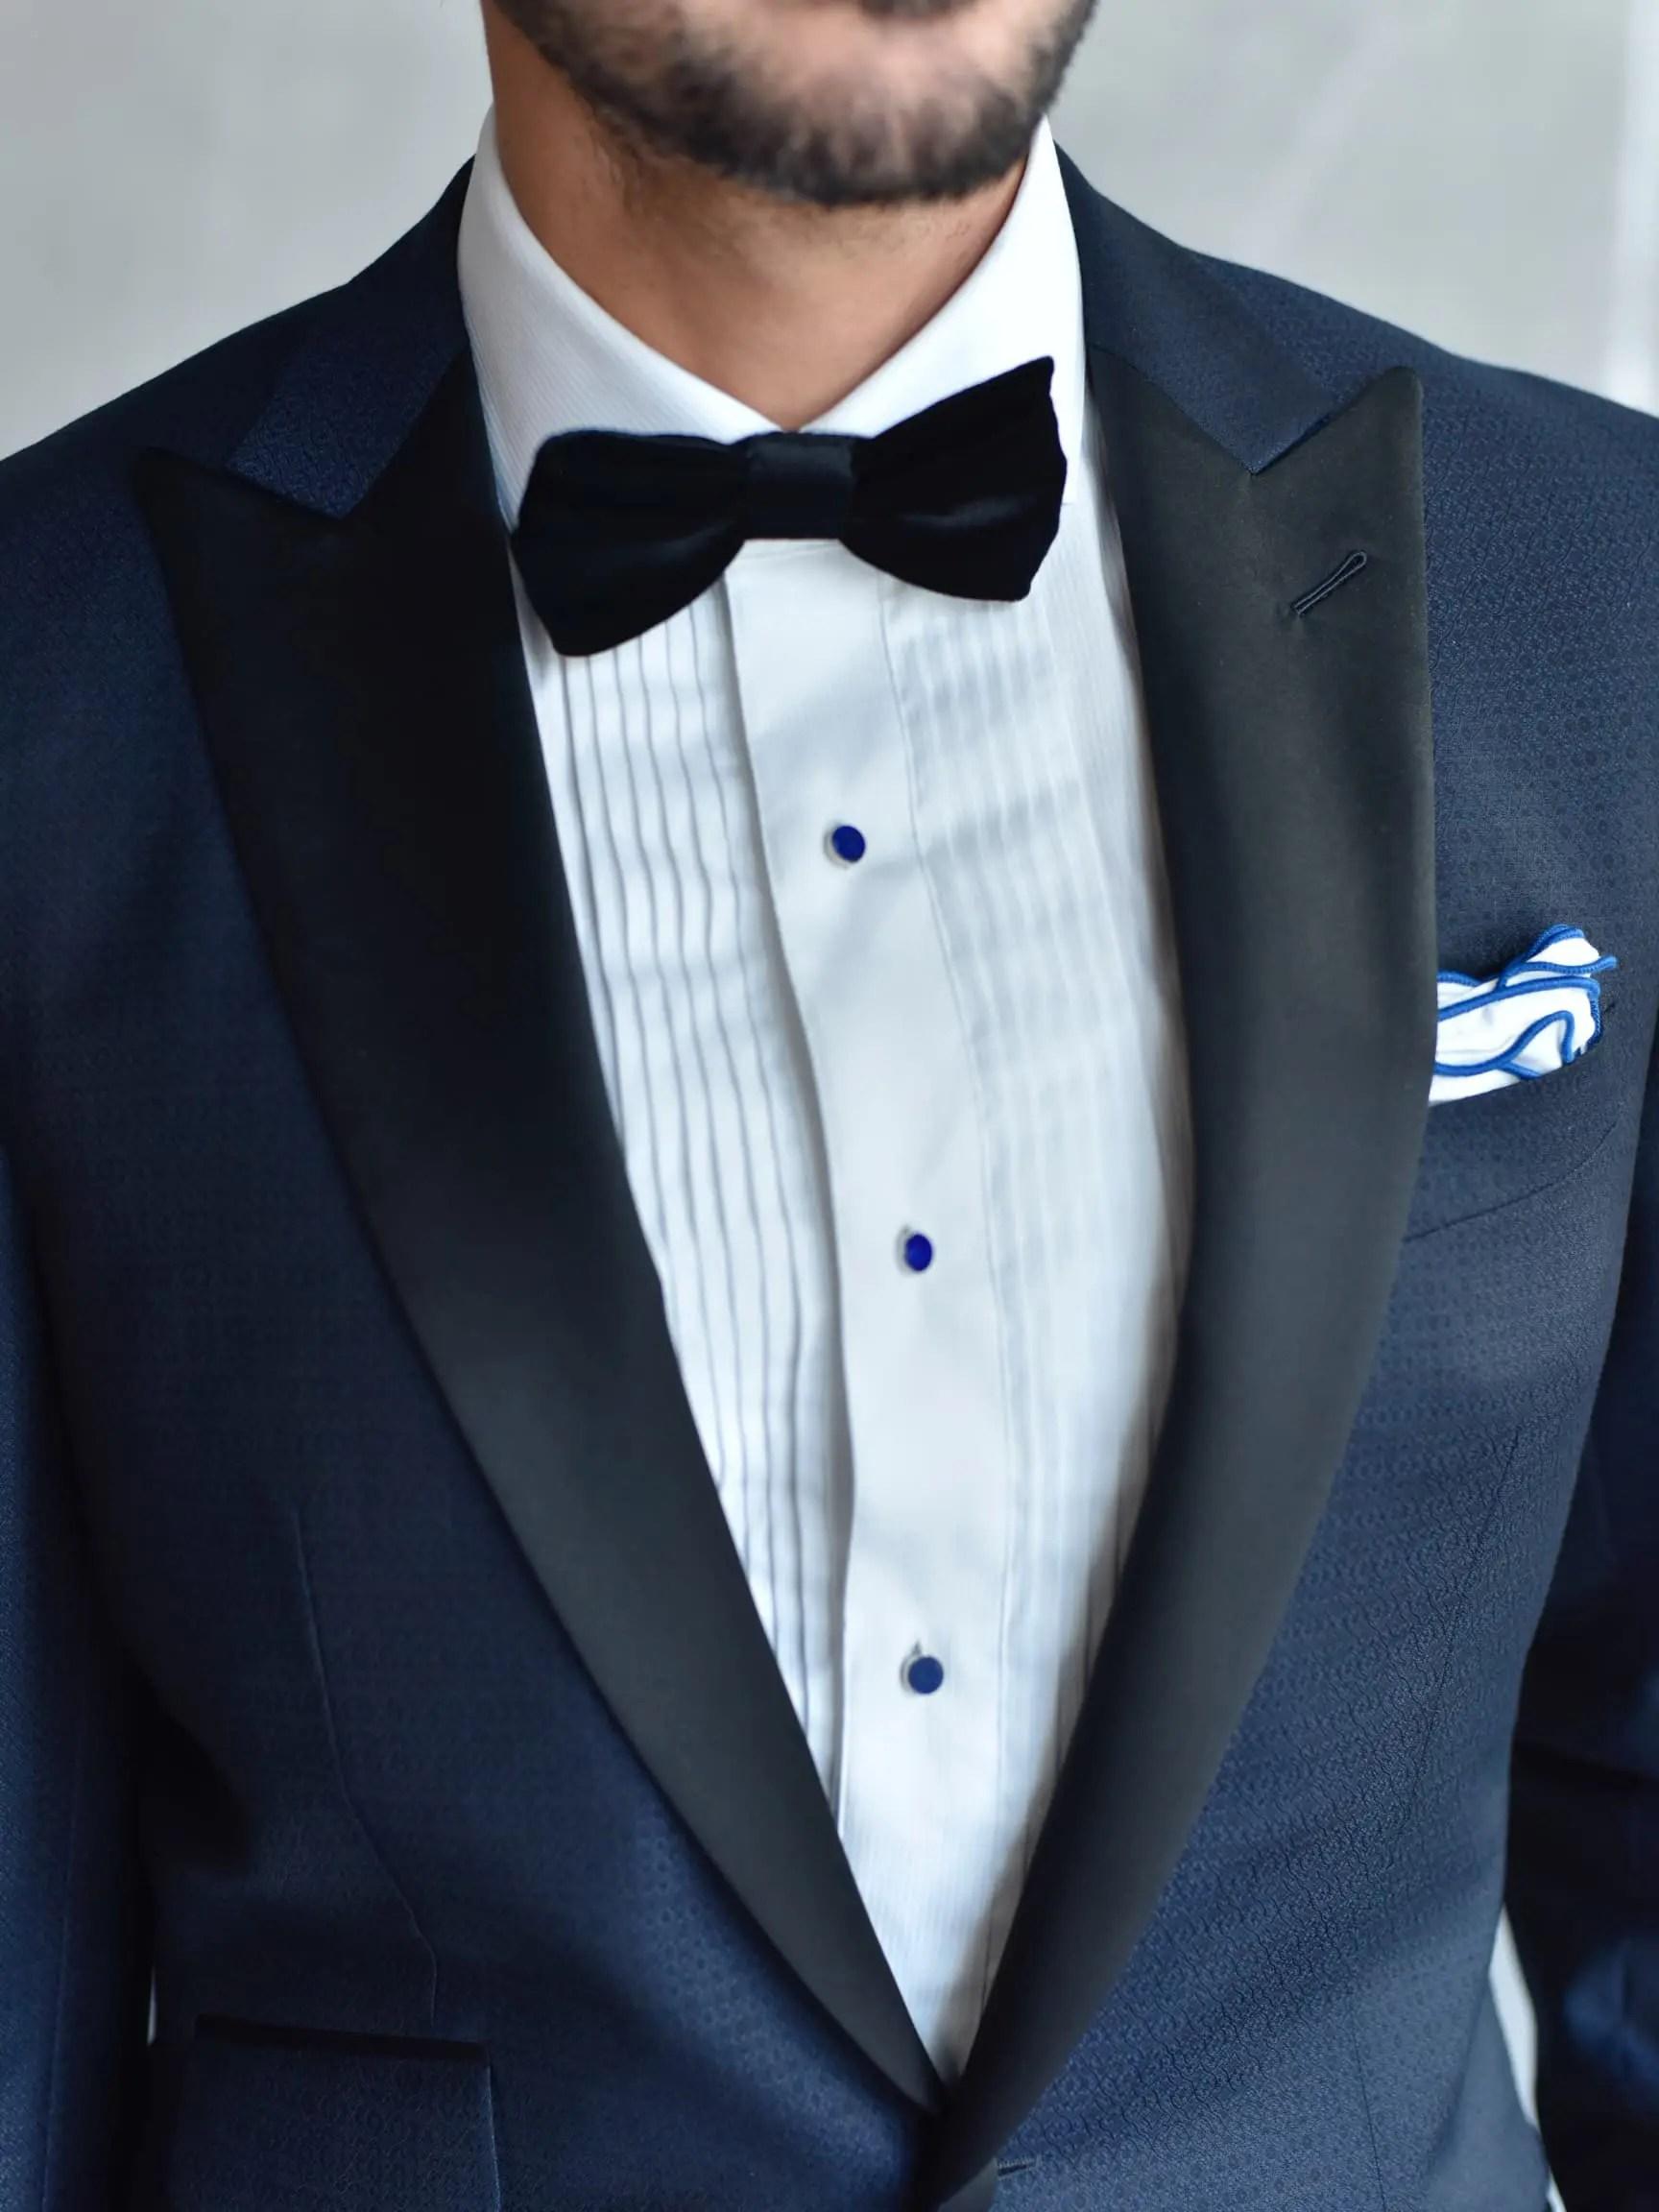 bespoke wedding tuxedo